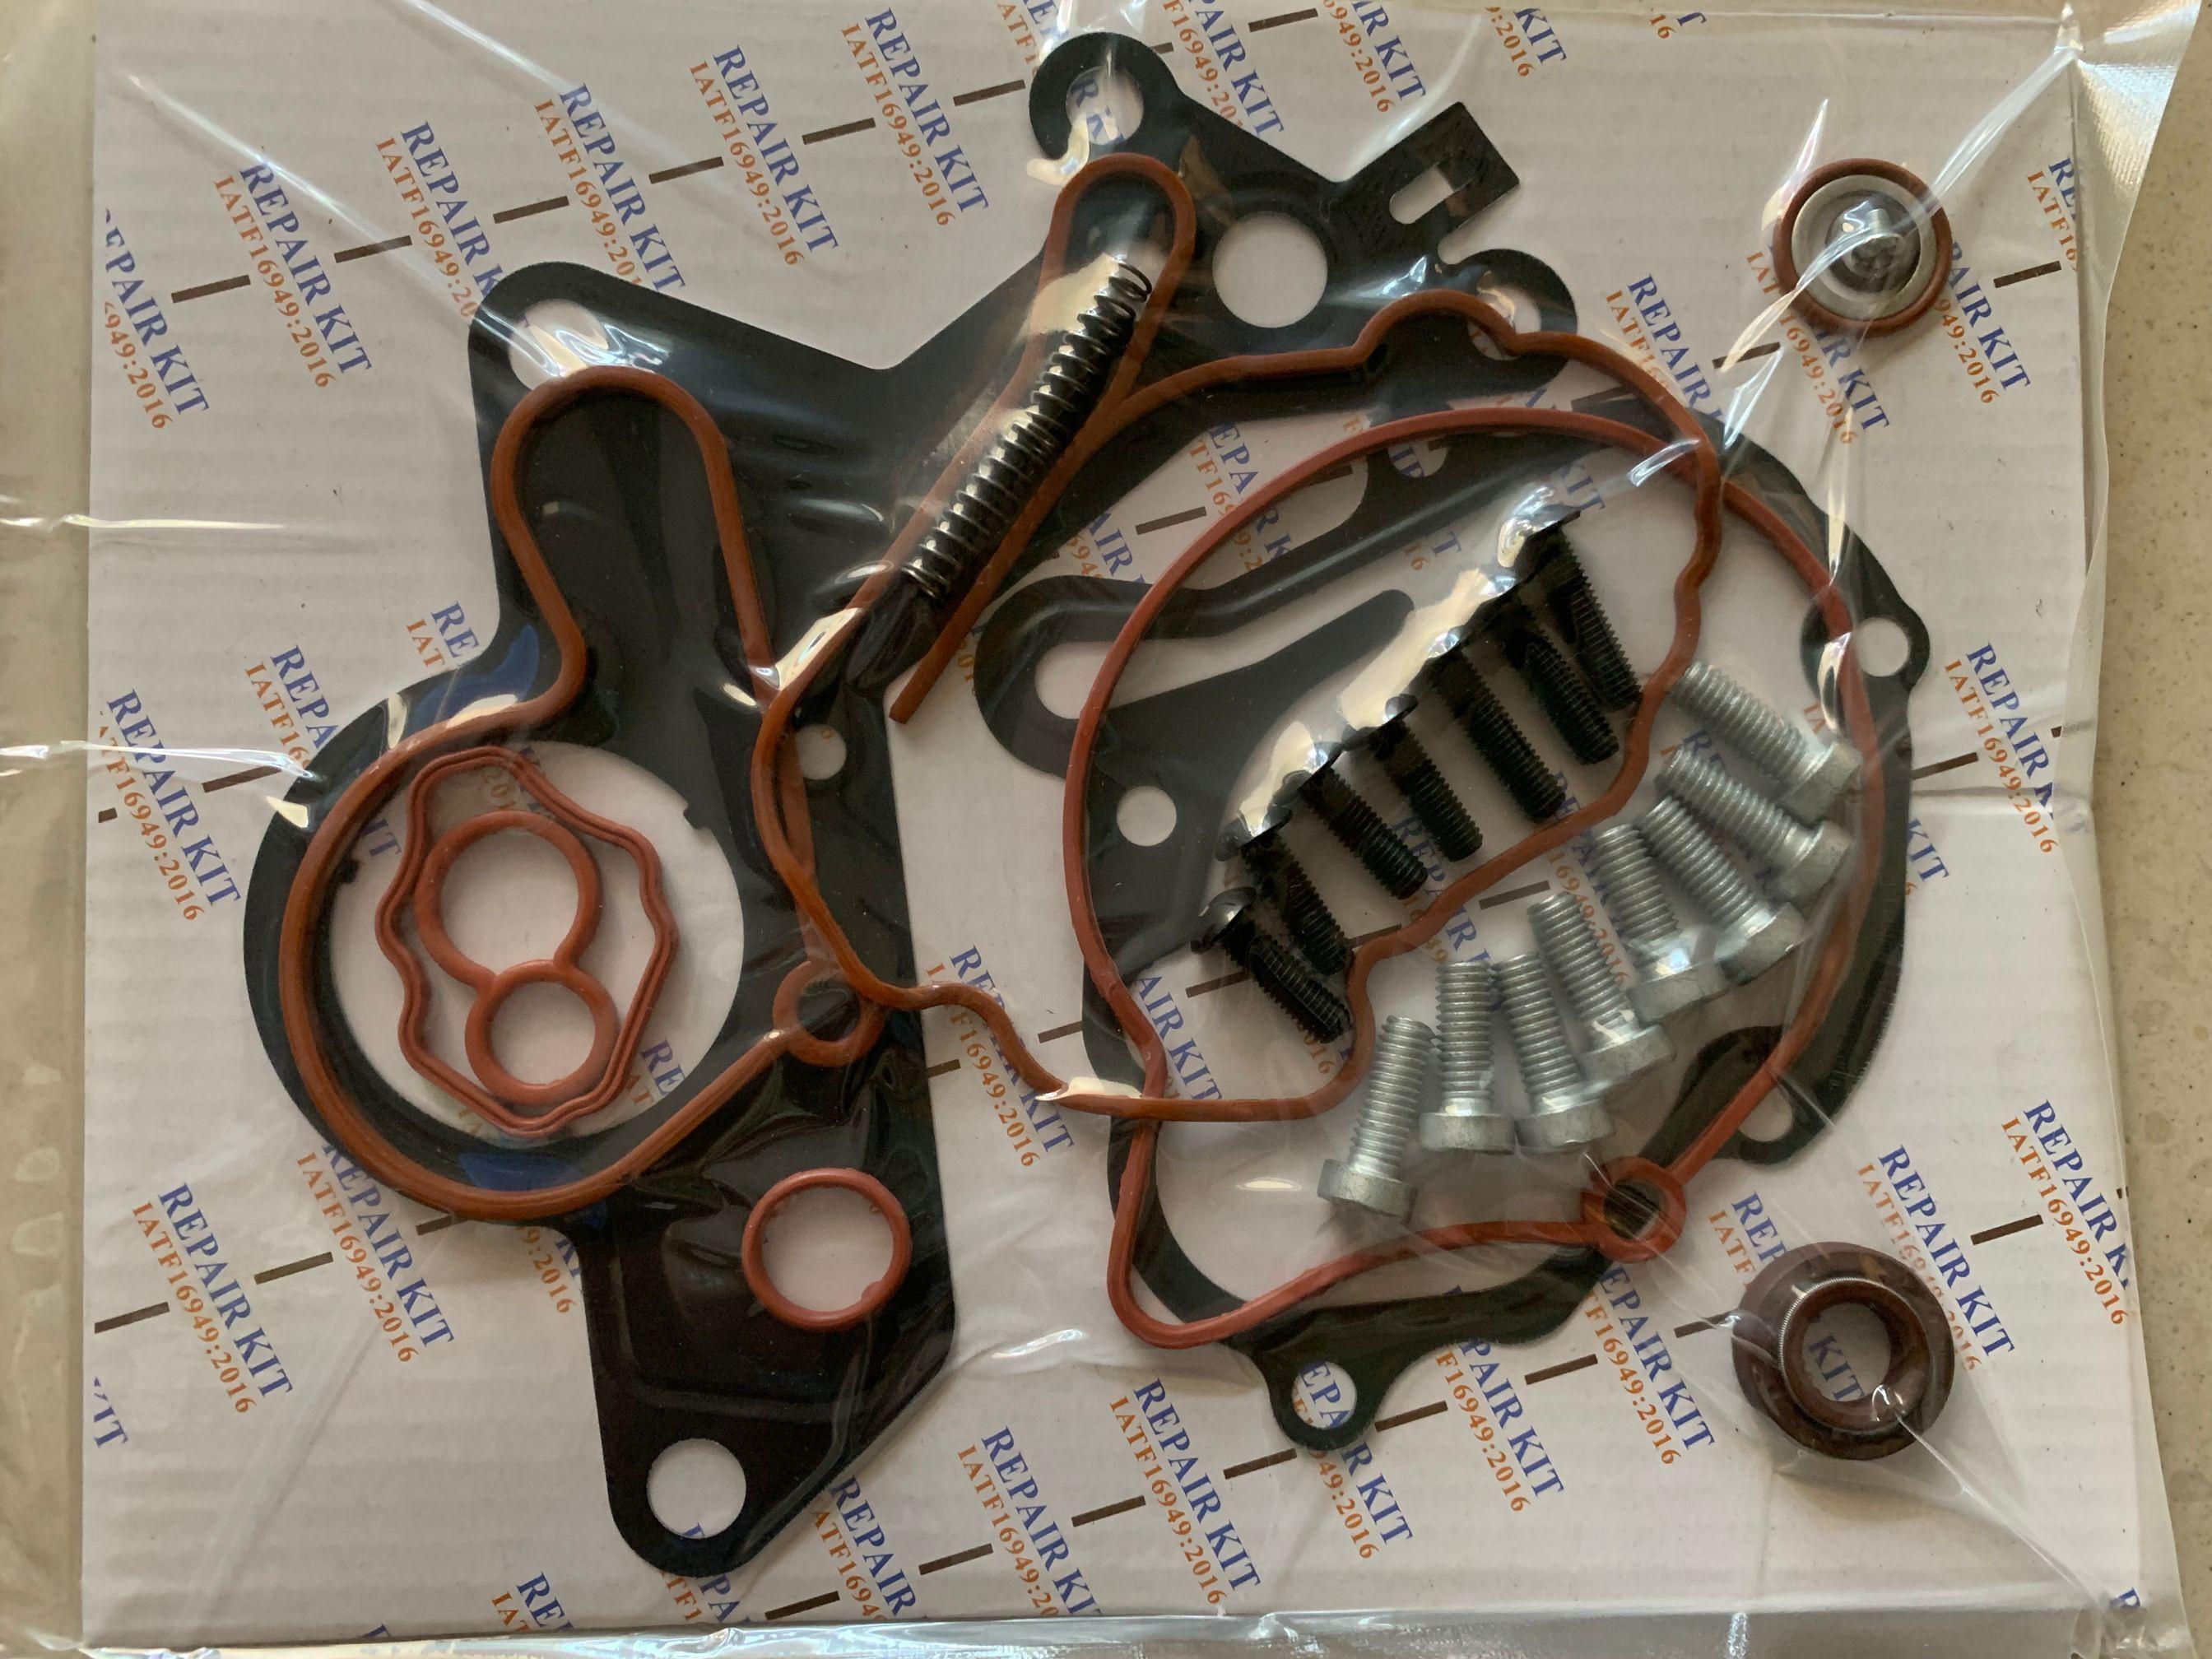 Kit de reparación de bomba tándem de combustible de vacío para VW AUDI SEAT 1.2TDI 1.4TDI 1.9TDI 2.0TDI 038145209